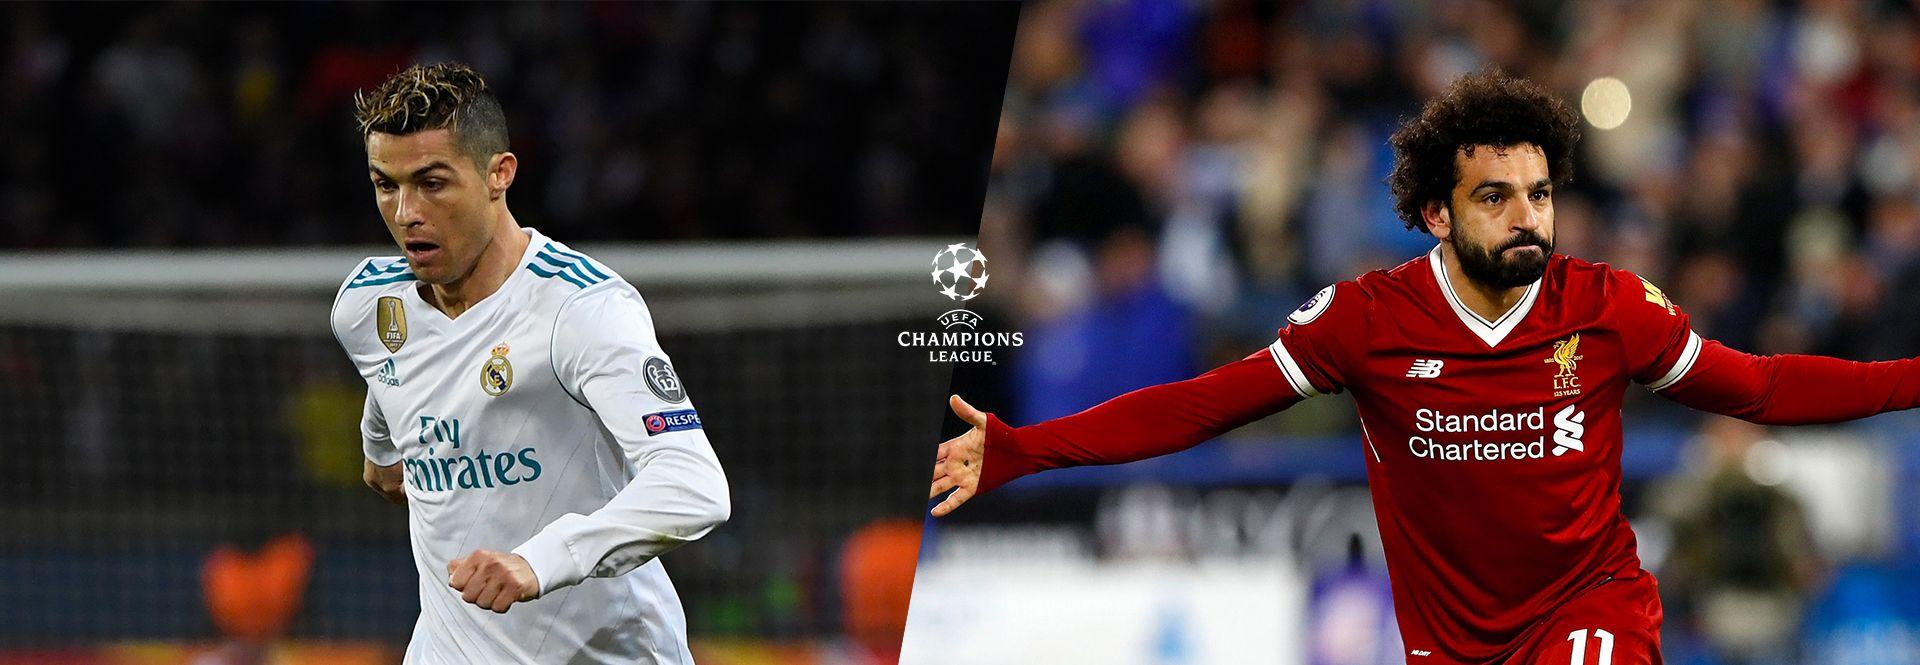 Finale de la Ligue des champions Real Madrid - Liverpool